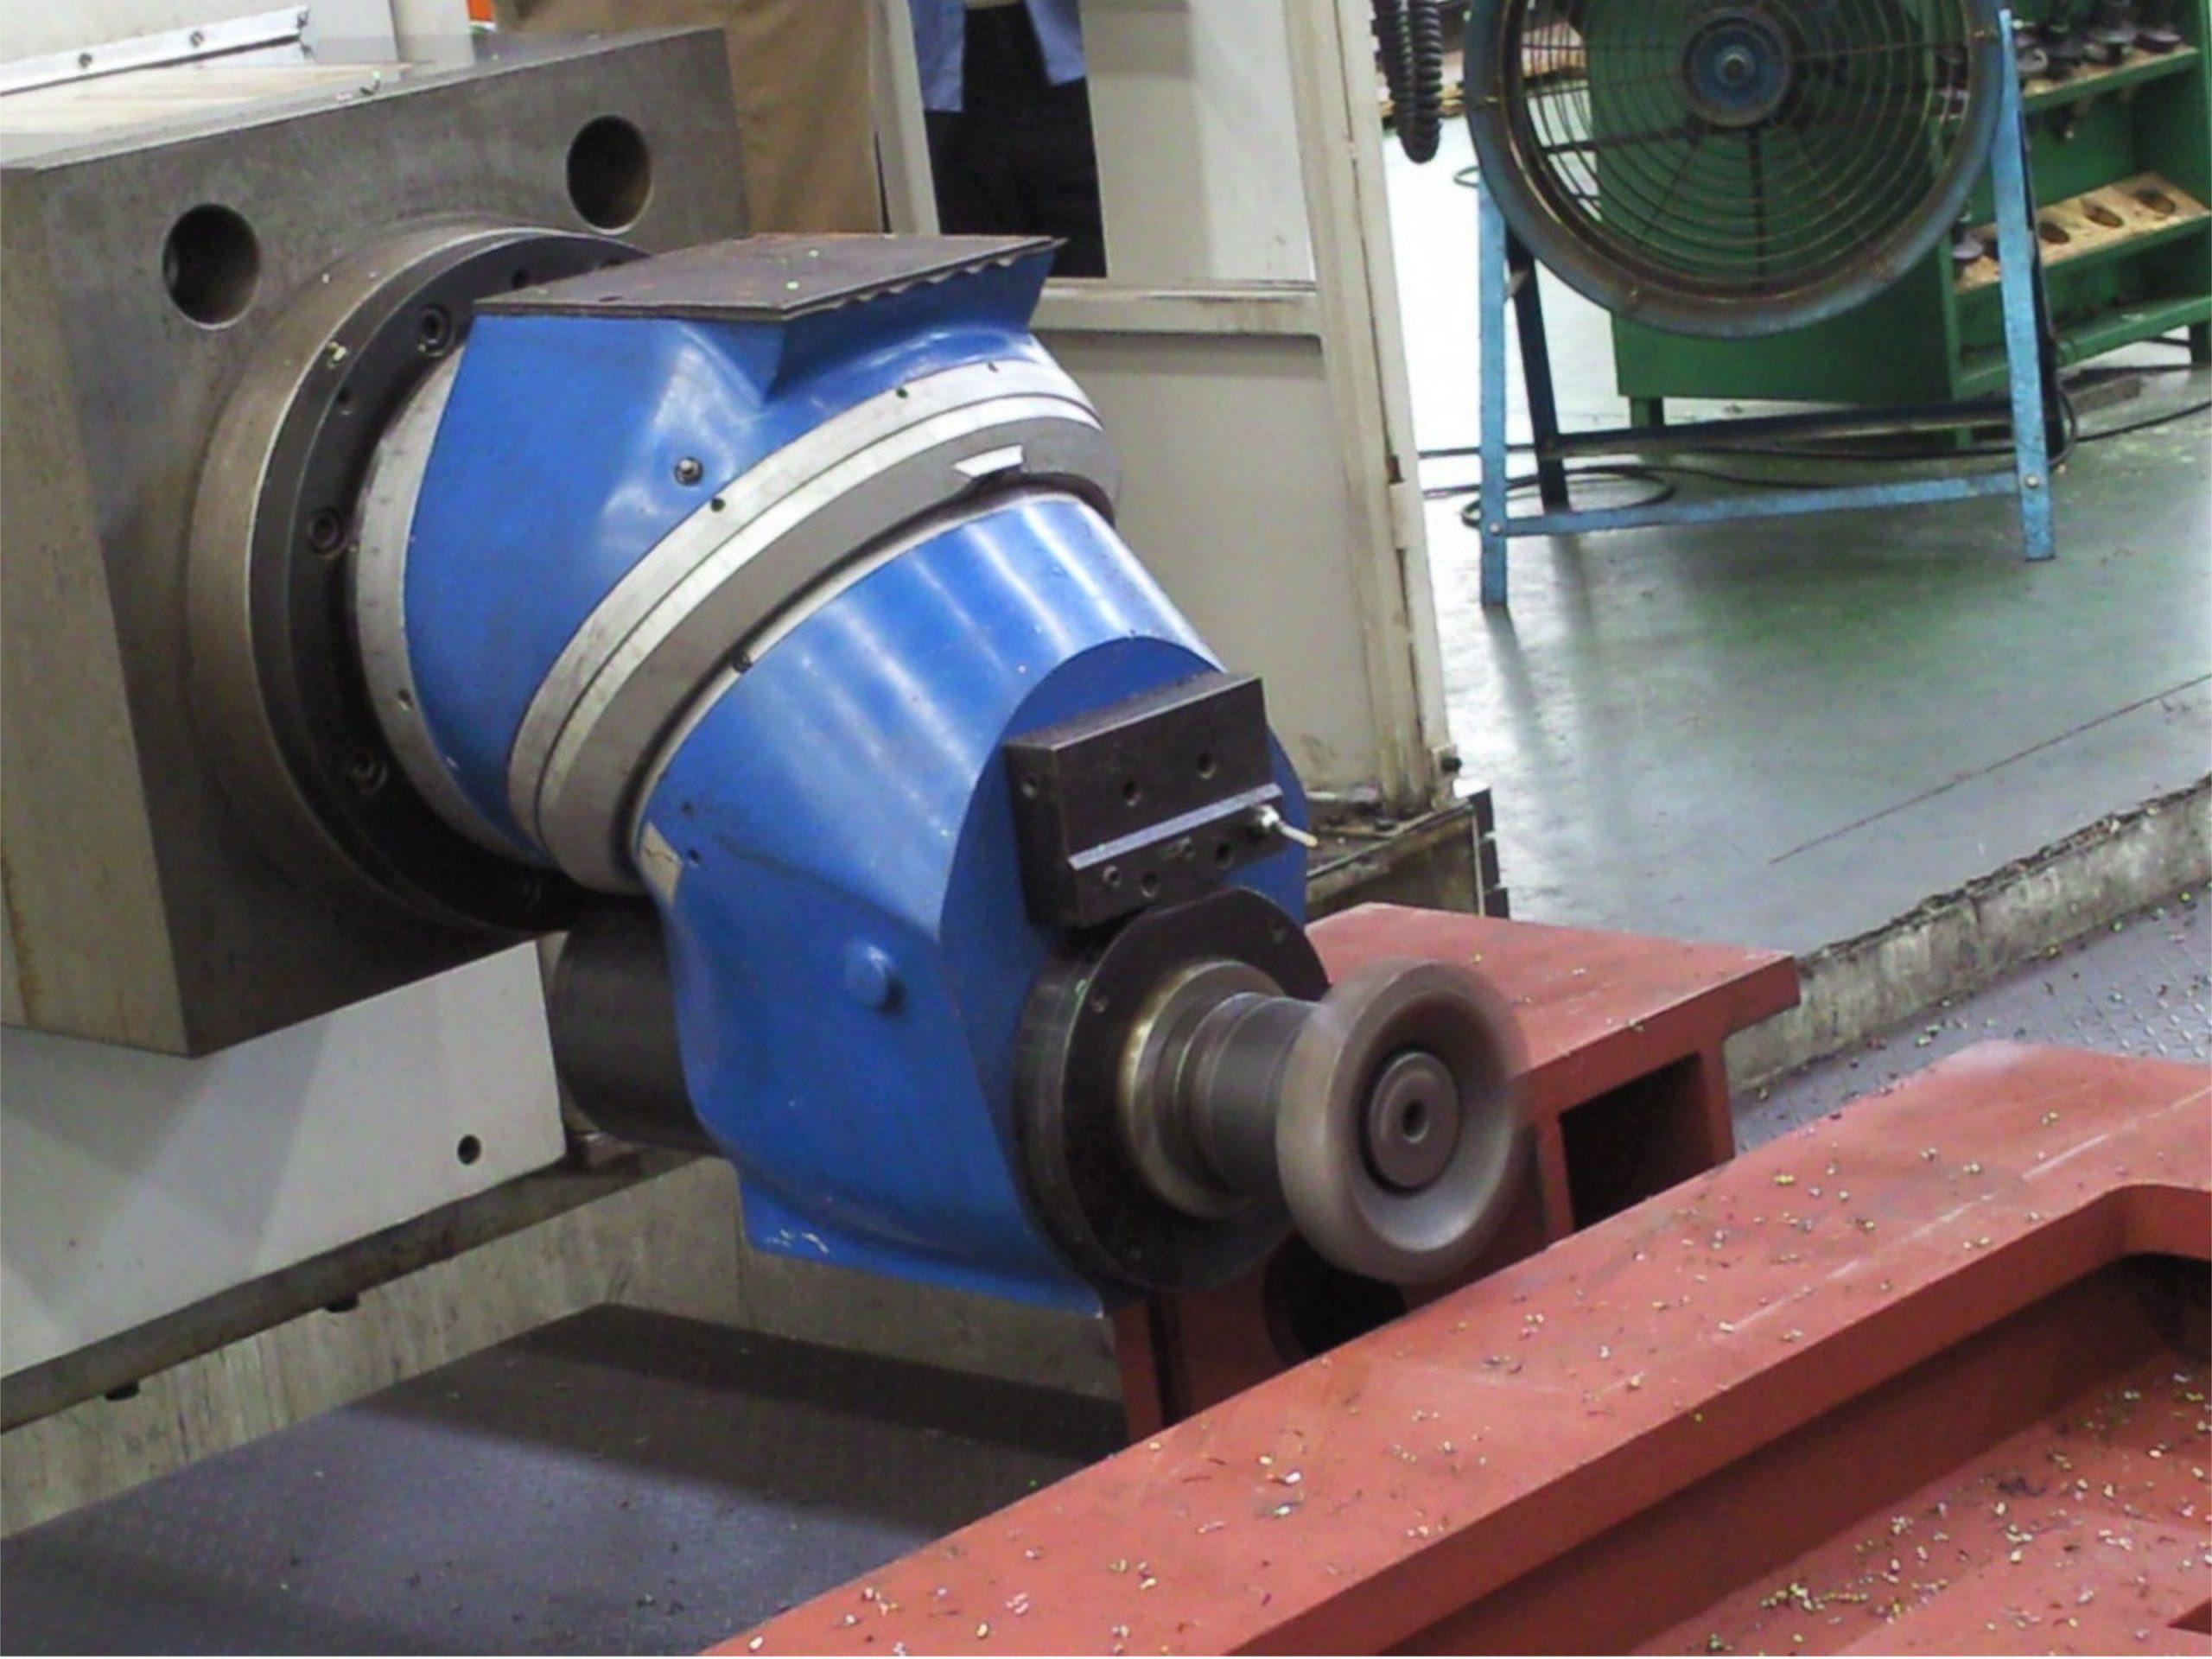 EMENA cabezal de fresado milling head VGCi en maquina 3